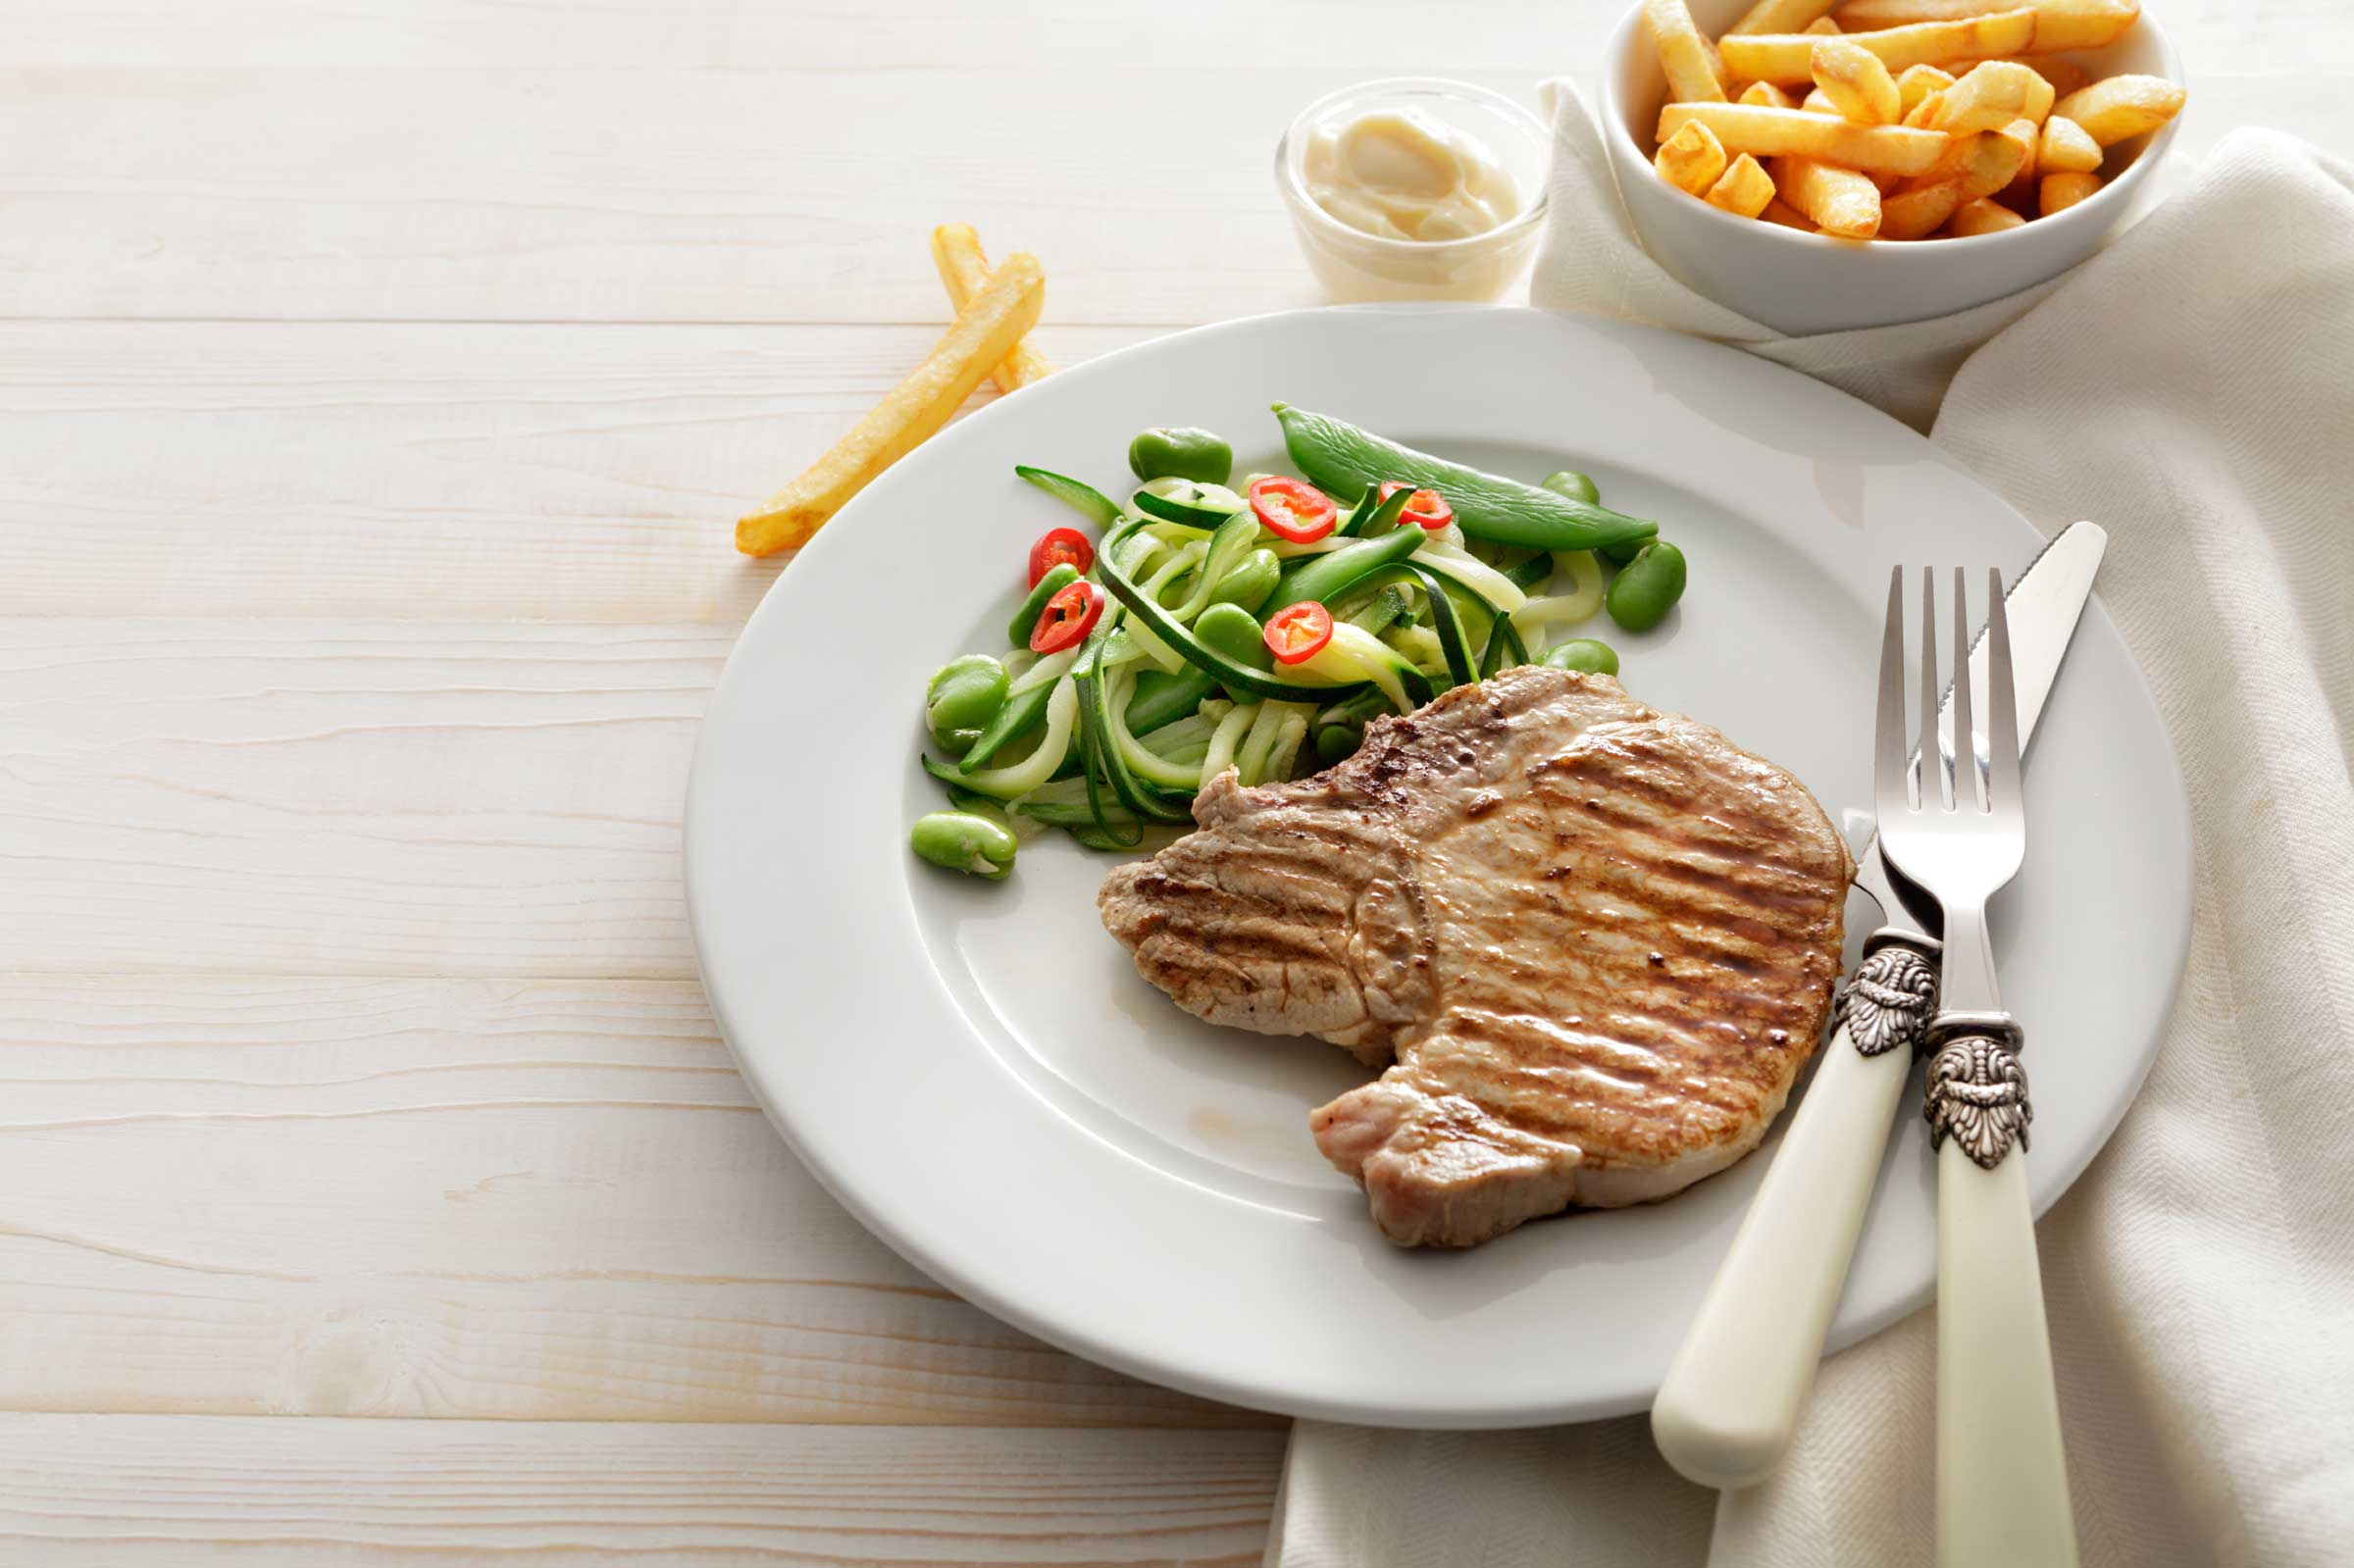 plat sain avec viande et légumes